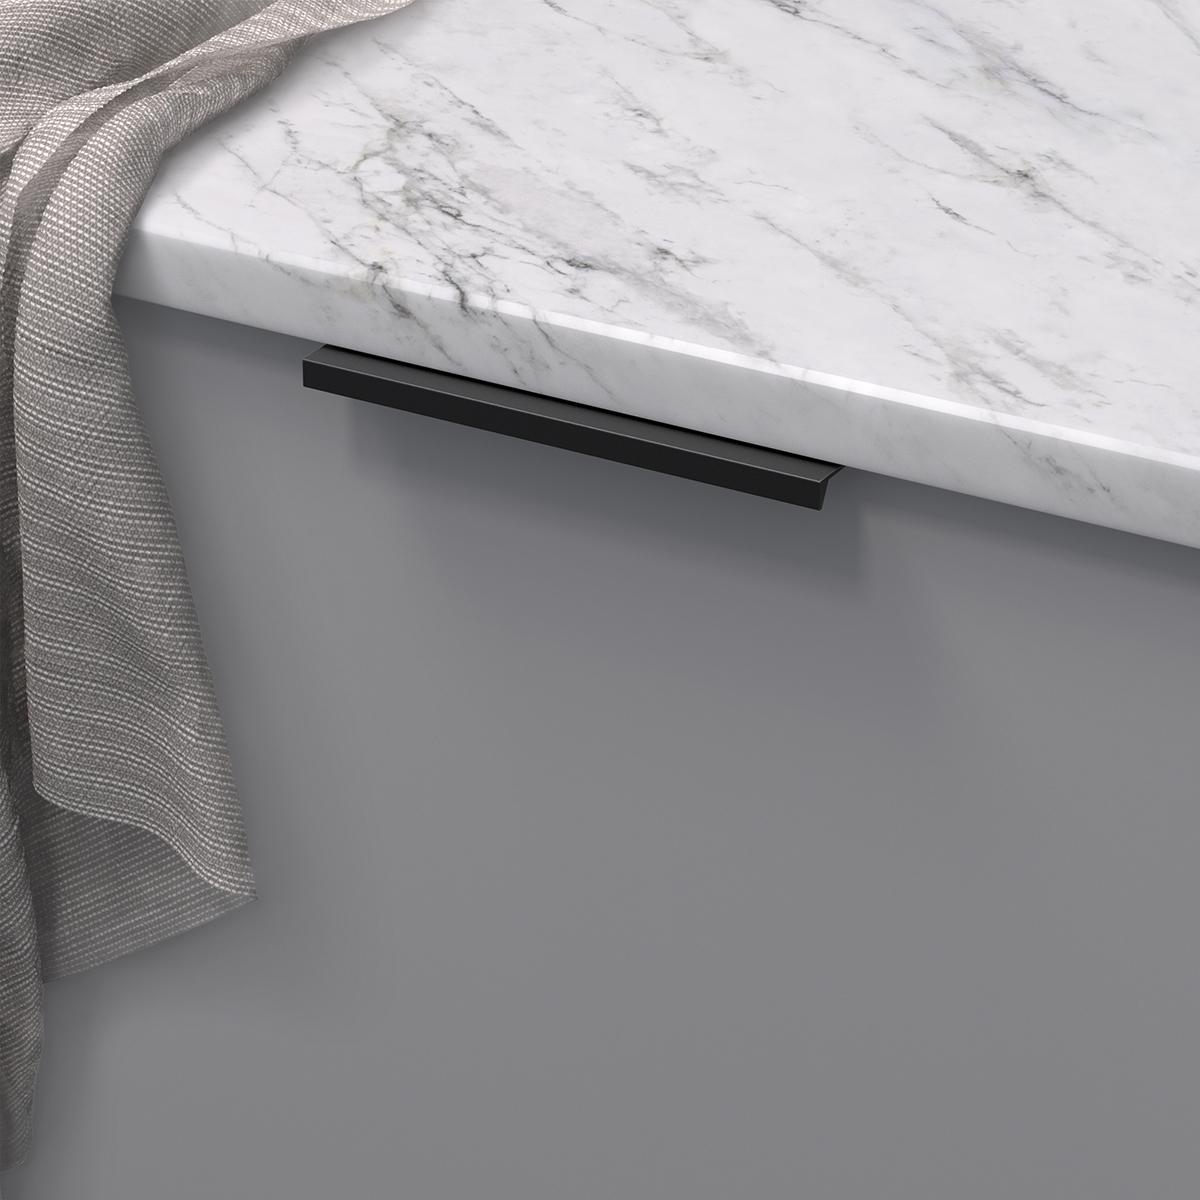 Profilhandtag slim 4025 matt svart 305176 11 136 mm ncs s 4500 n marmor carrara